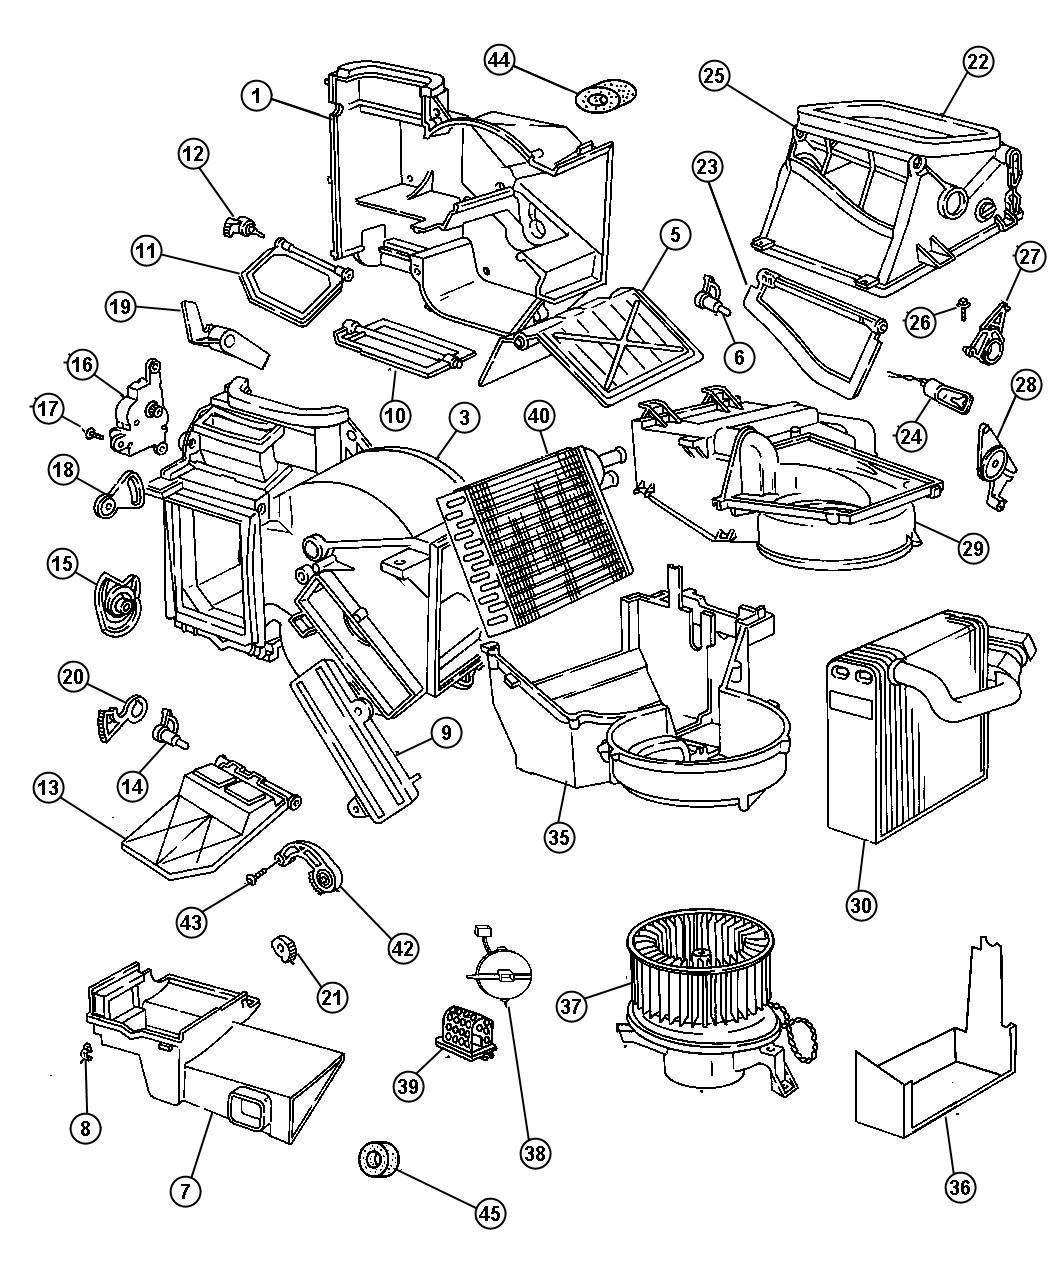 1998 Dodge Stratus Evaporator. Air conditioning. Heater